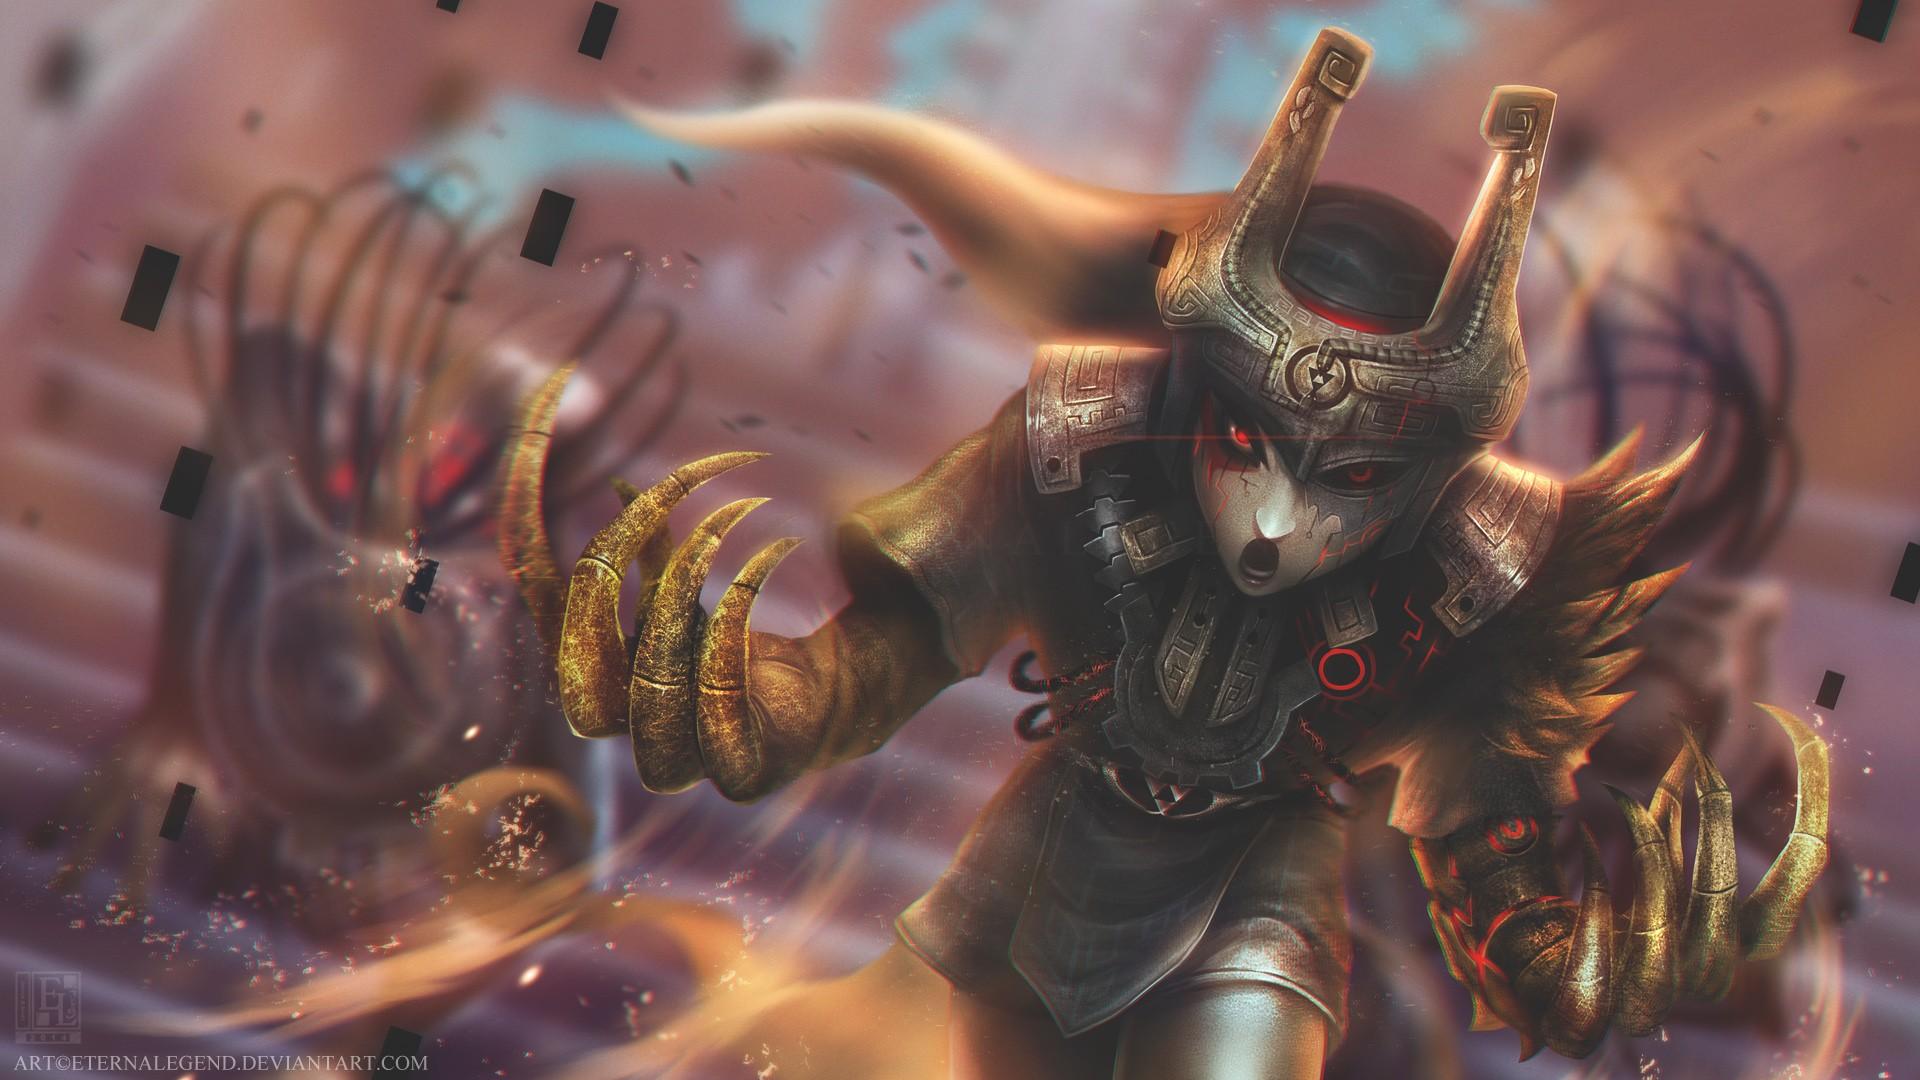 Wallpaper Fantasy Art The Legend Of Zelda Mythology The